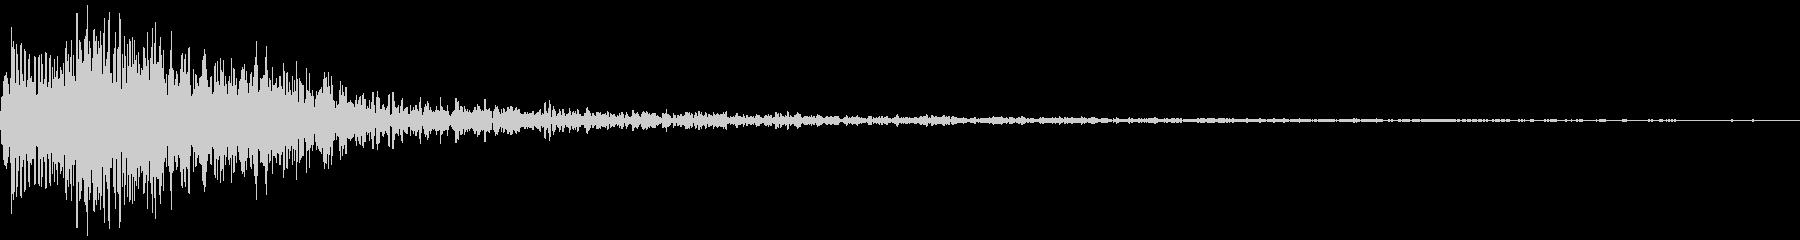 ミステリー系導入音_その3の未再生の波形